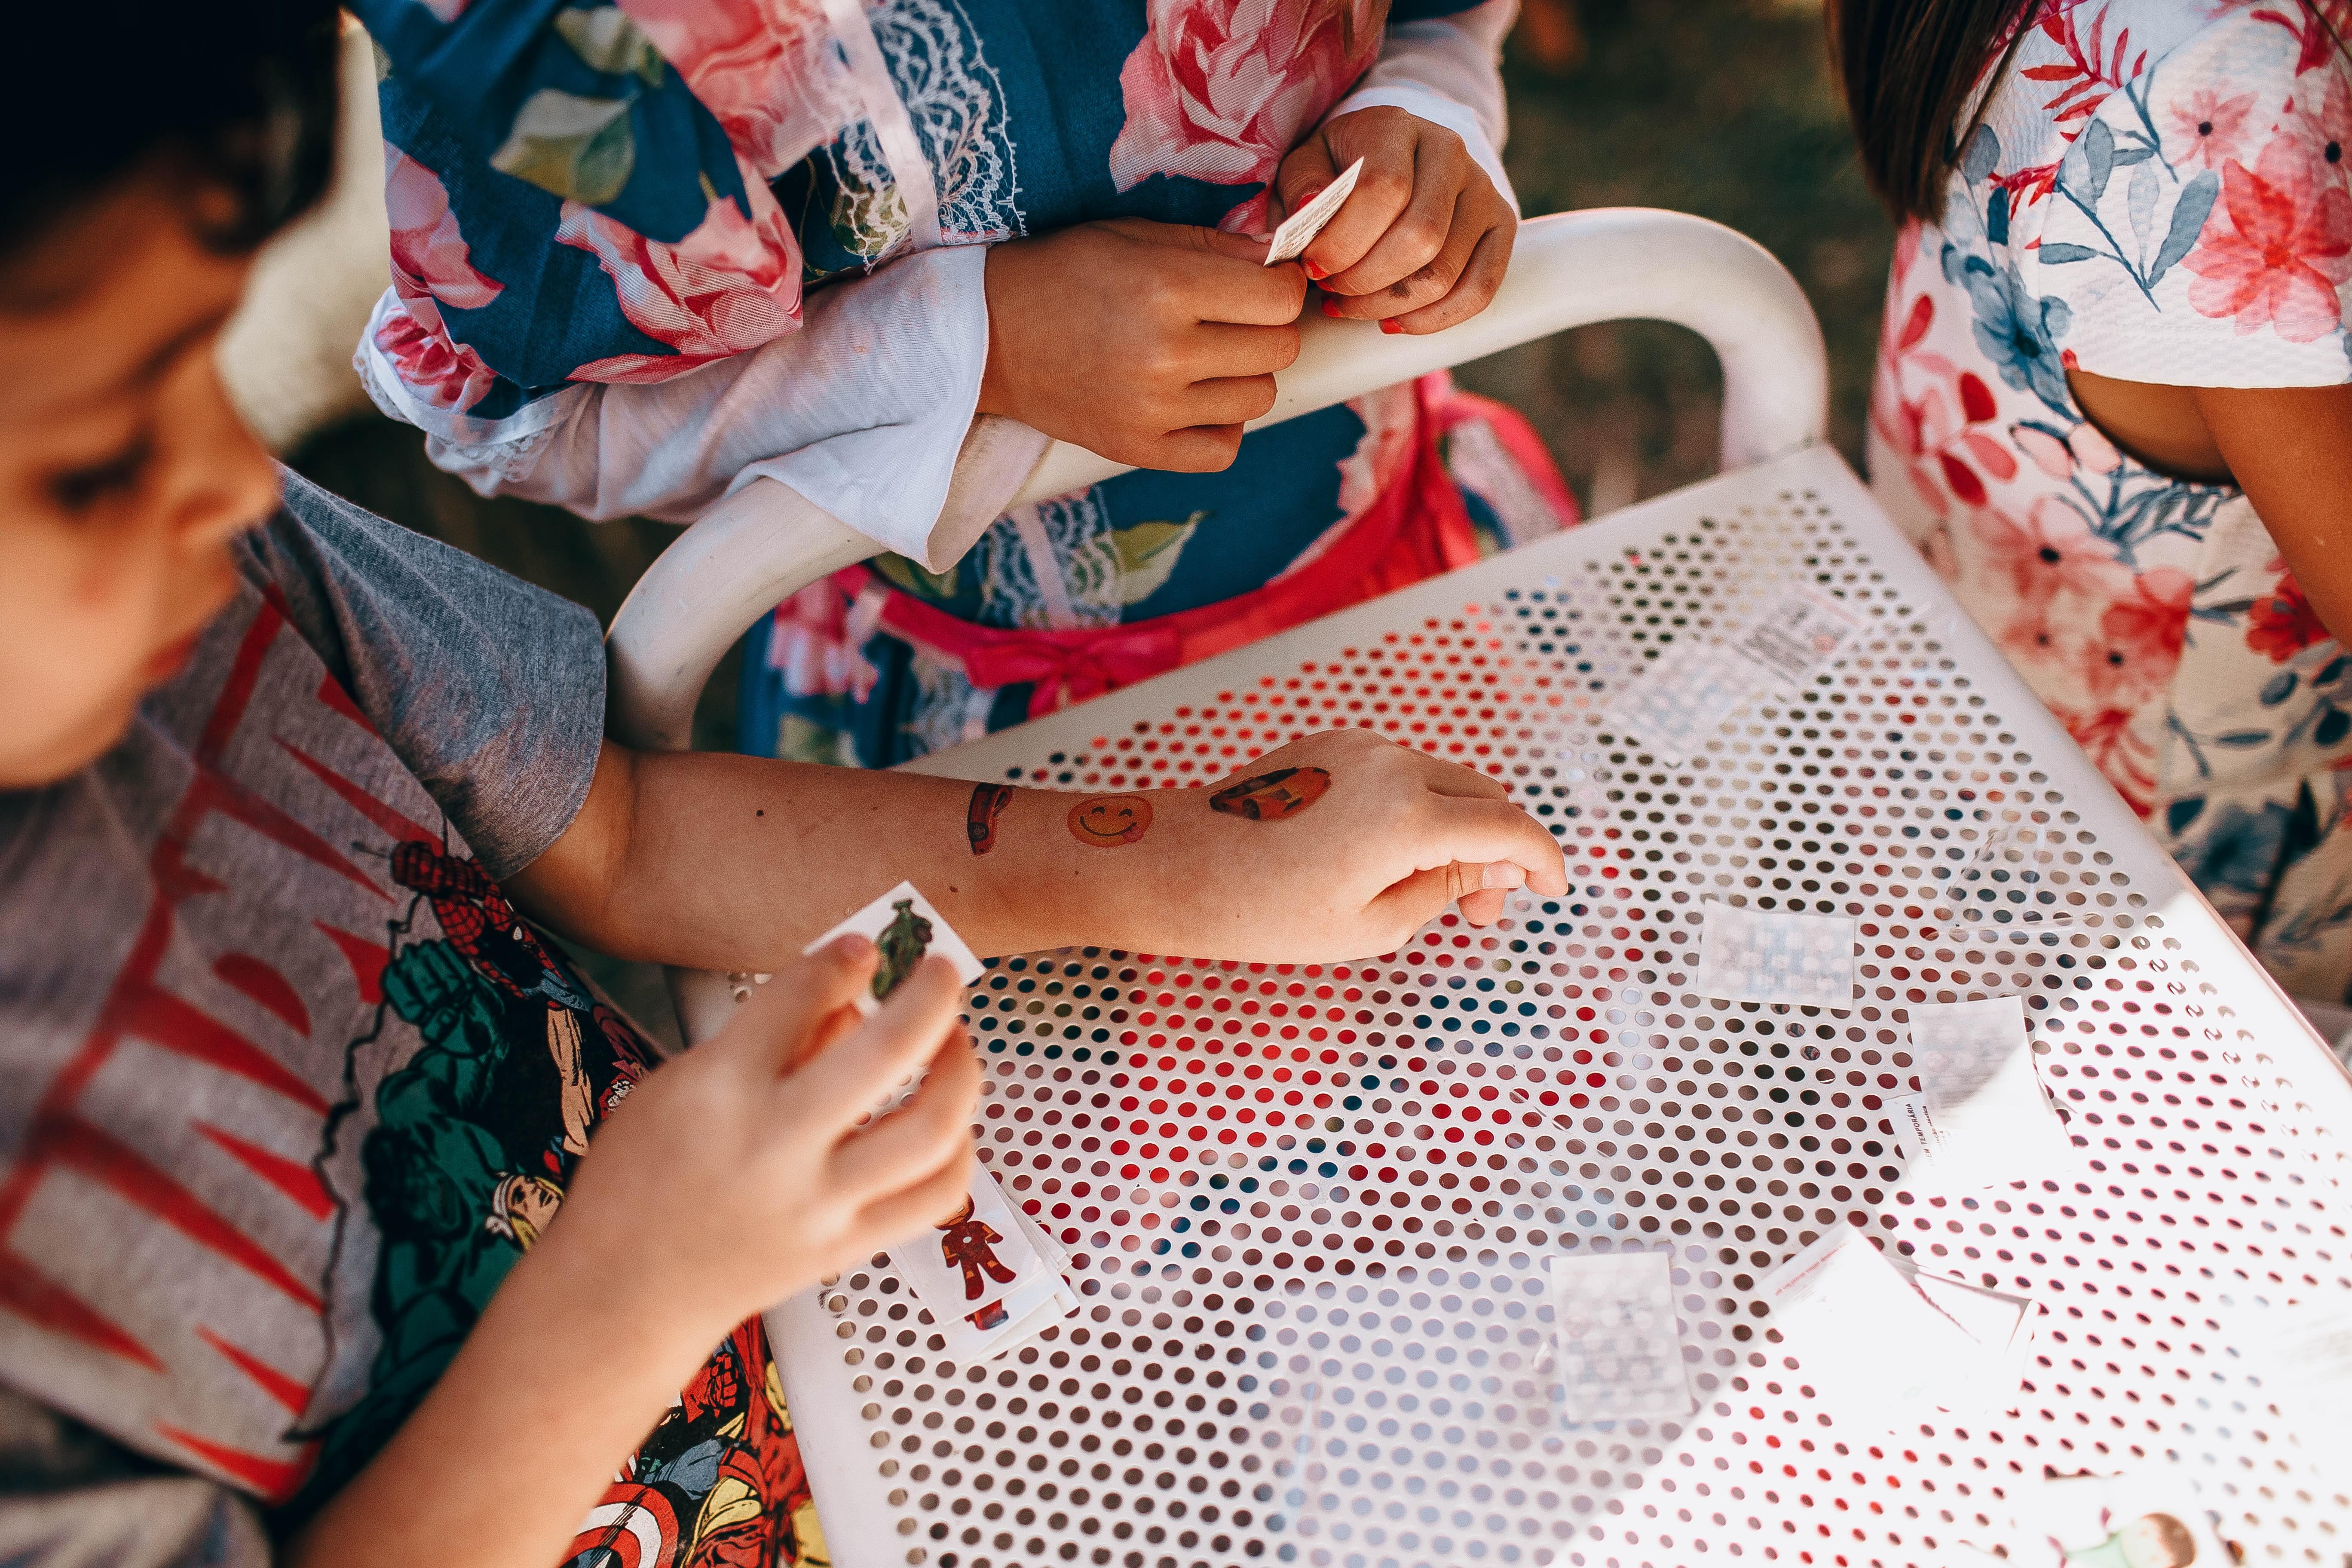 Las calcomanías que usan con frecuencia los niños pueden alterar la función de barrera protectora de la piel